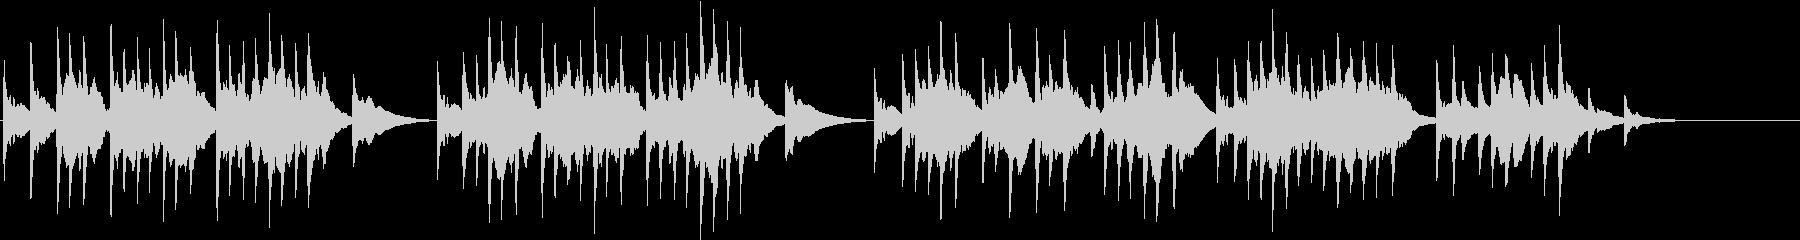 ソルベーグの歌  オルゴールの未再生の波形